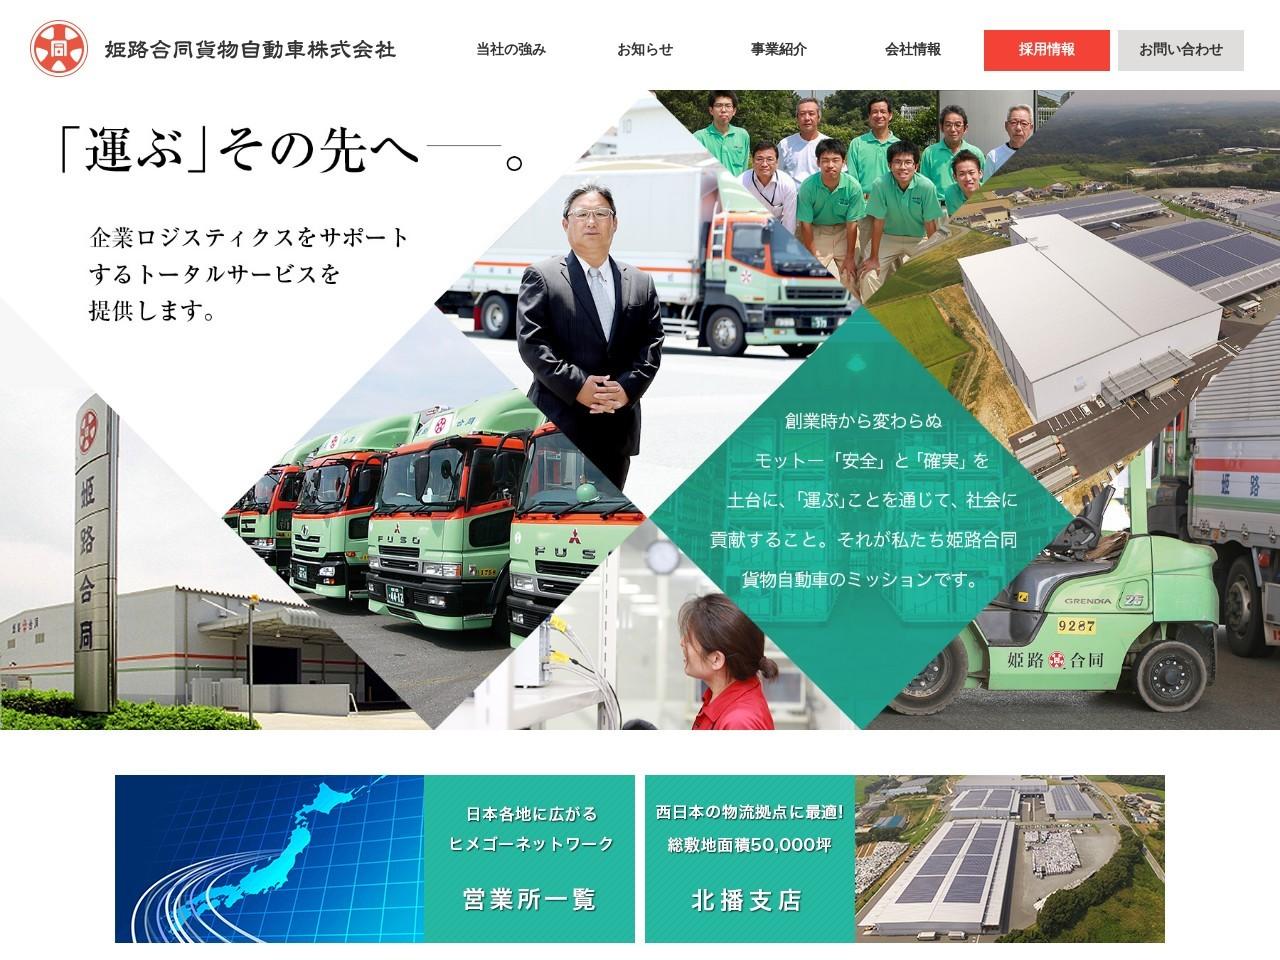 姫路合同貨物自動車株式会社本社